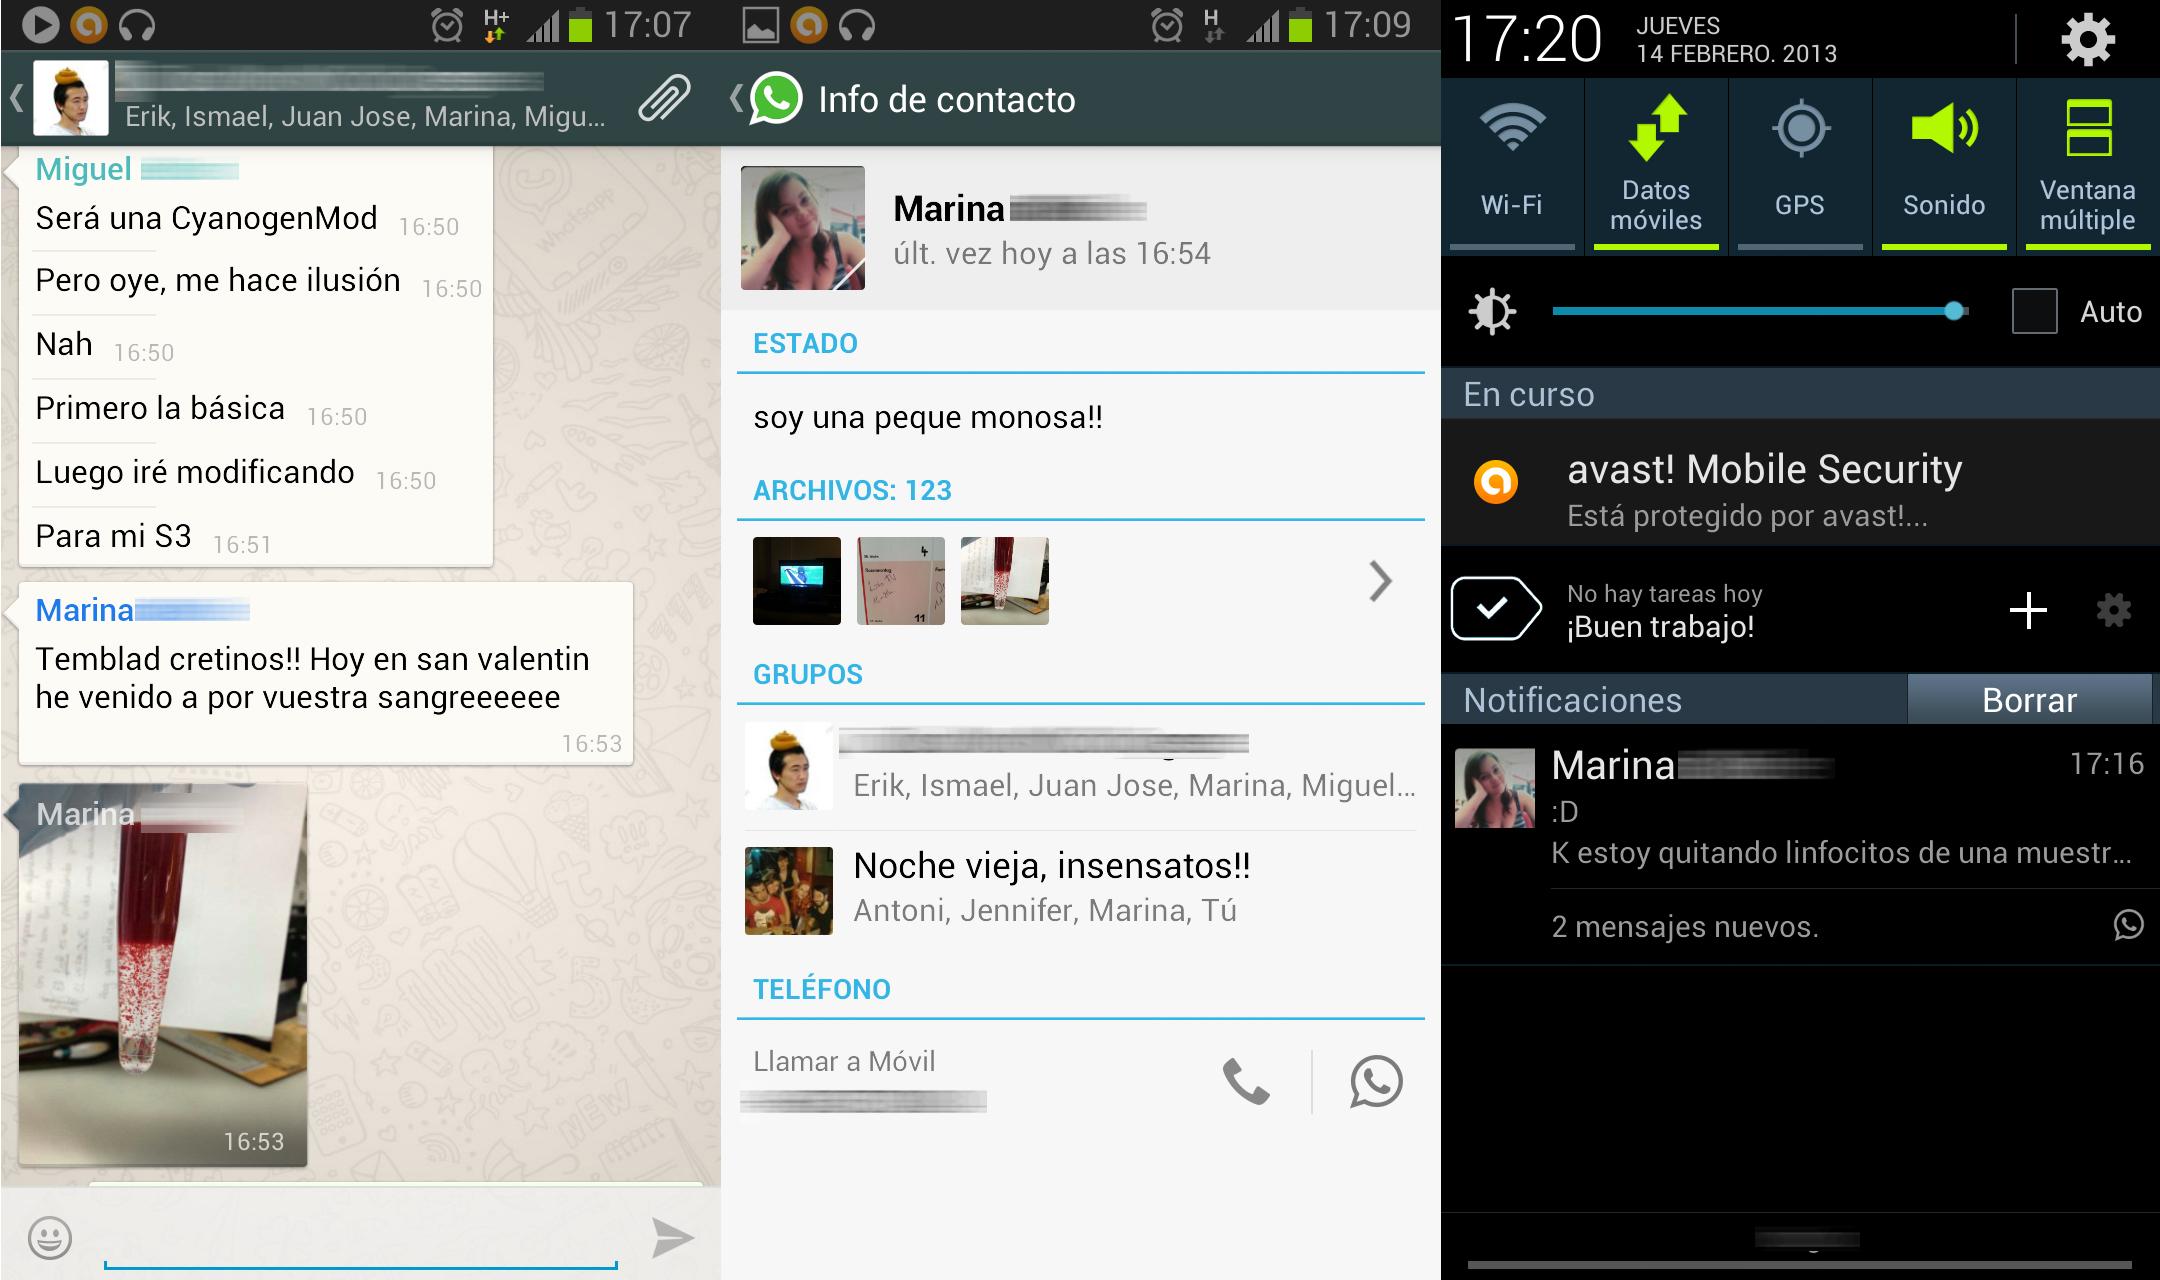 Mejores aplicaciones Android 10